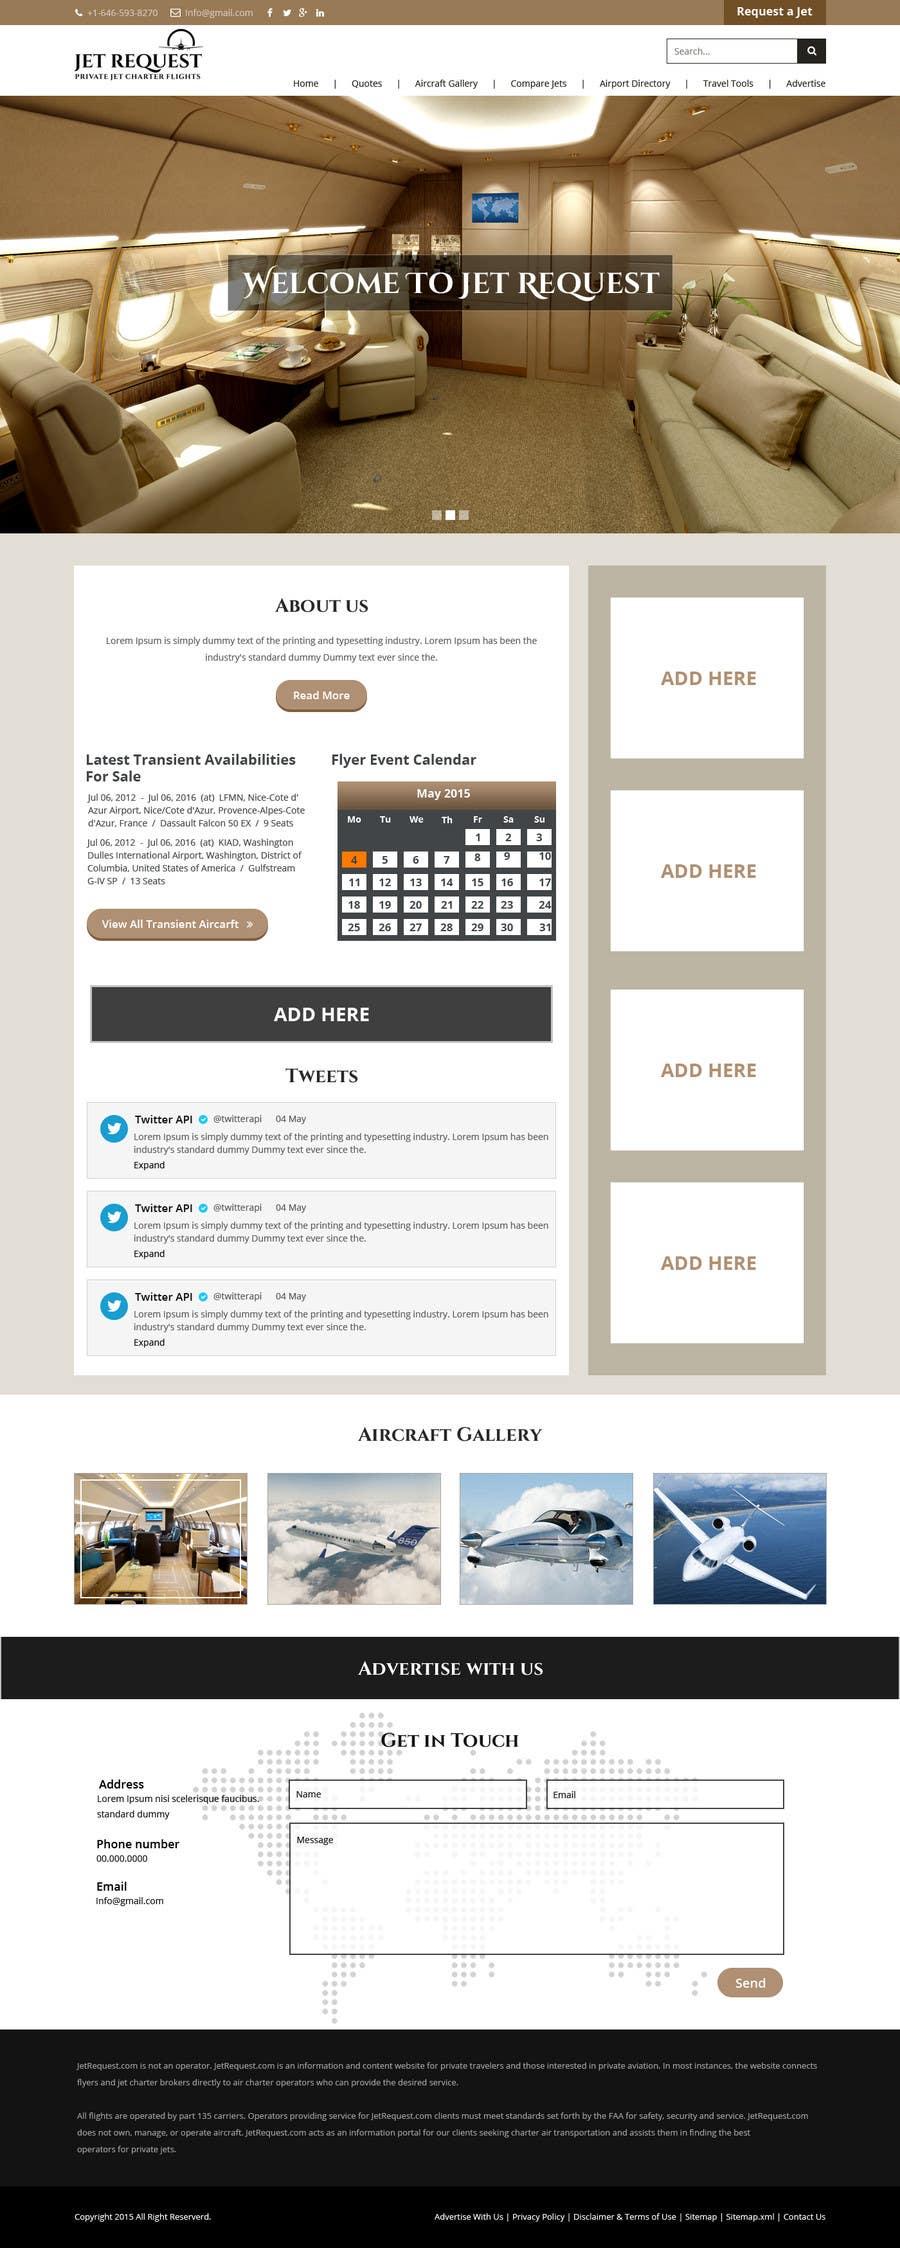 Konkurrenceindlæg #                                        8                                      for                                         Design a Website Mockup for Private Jet company